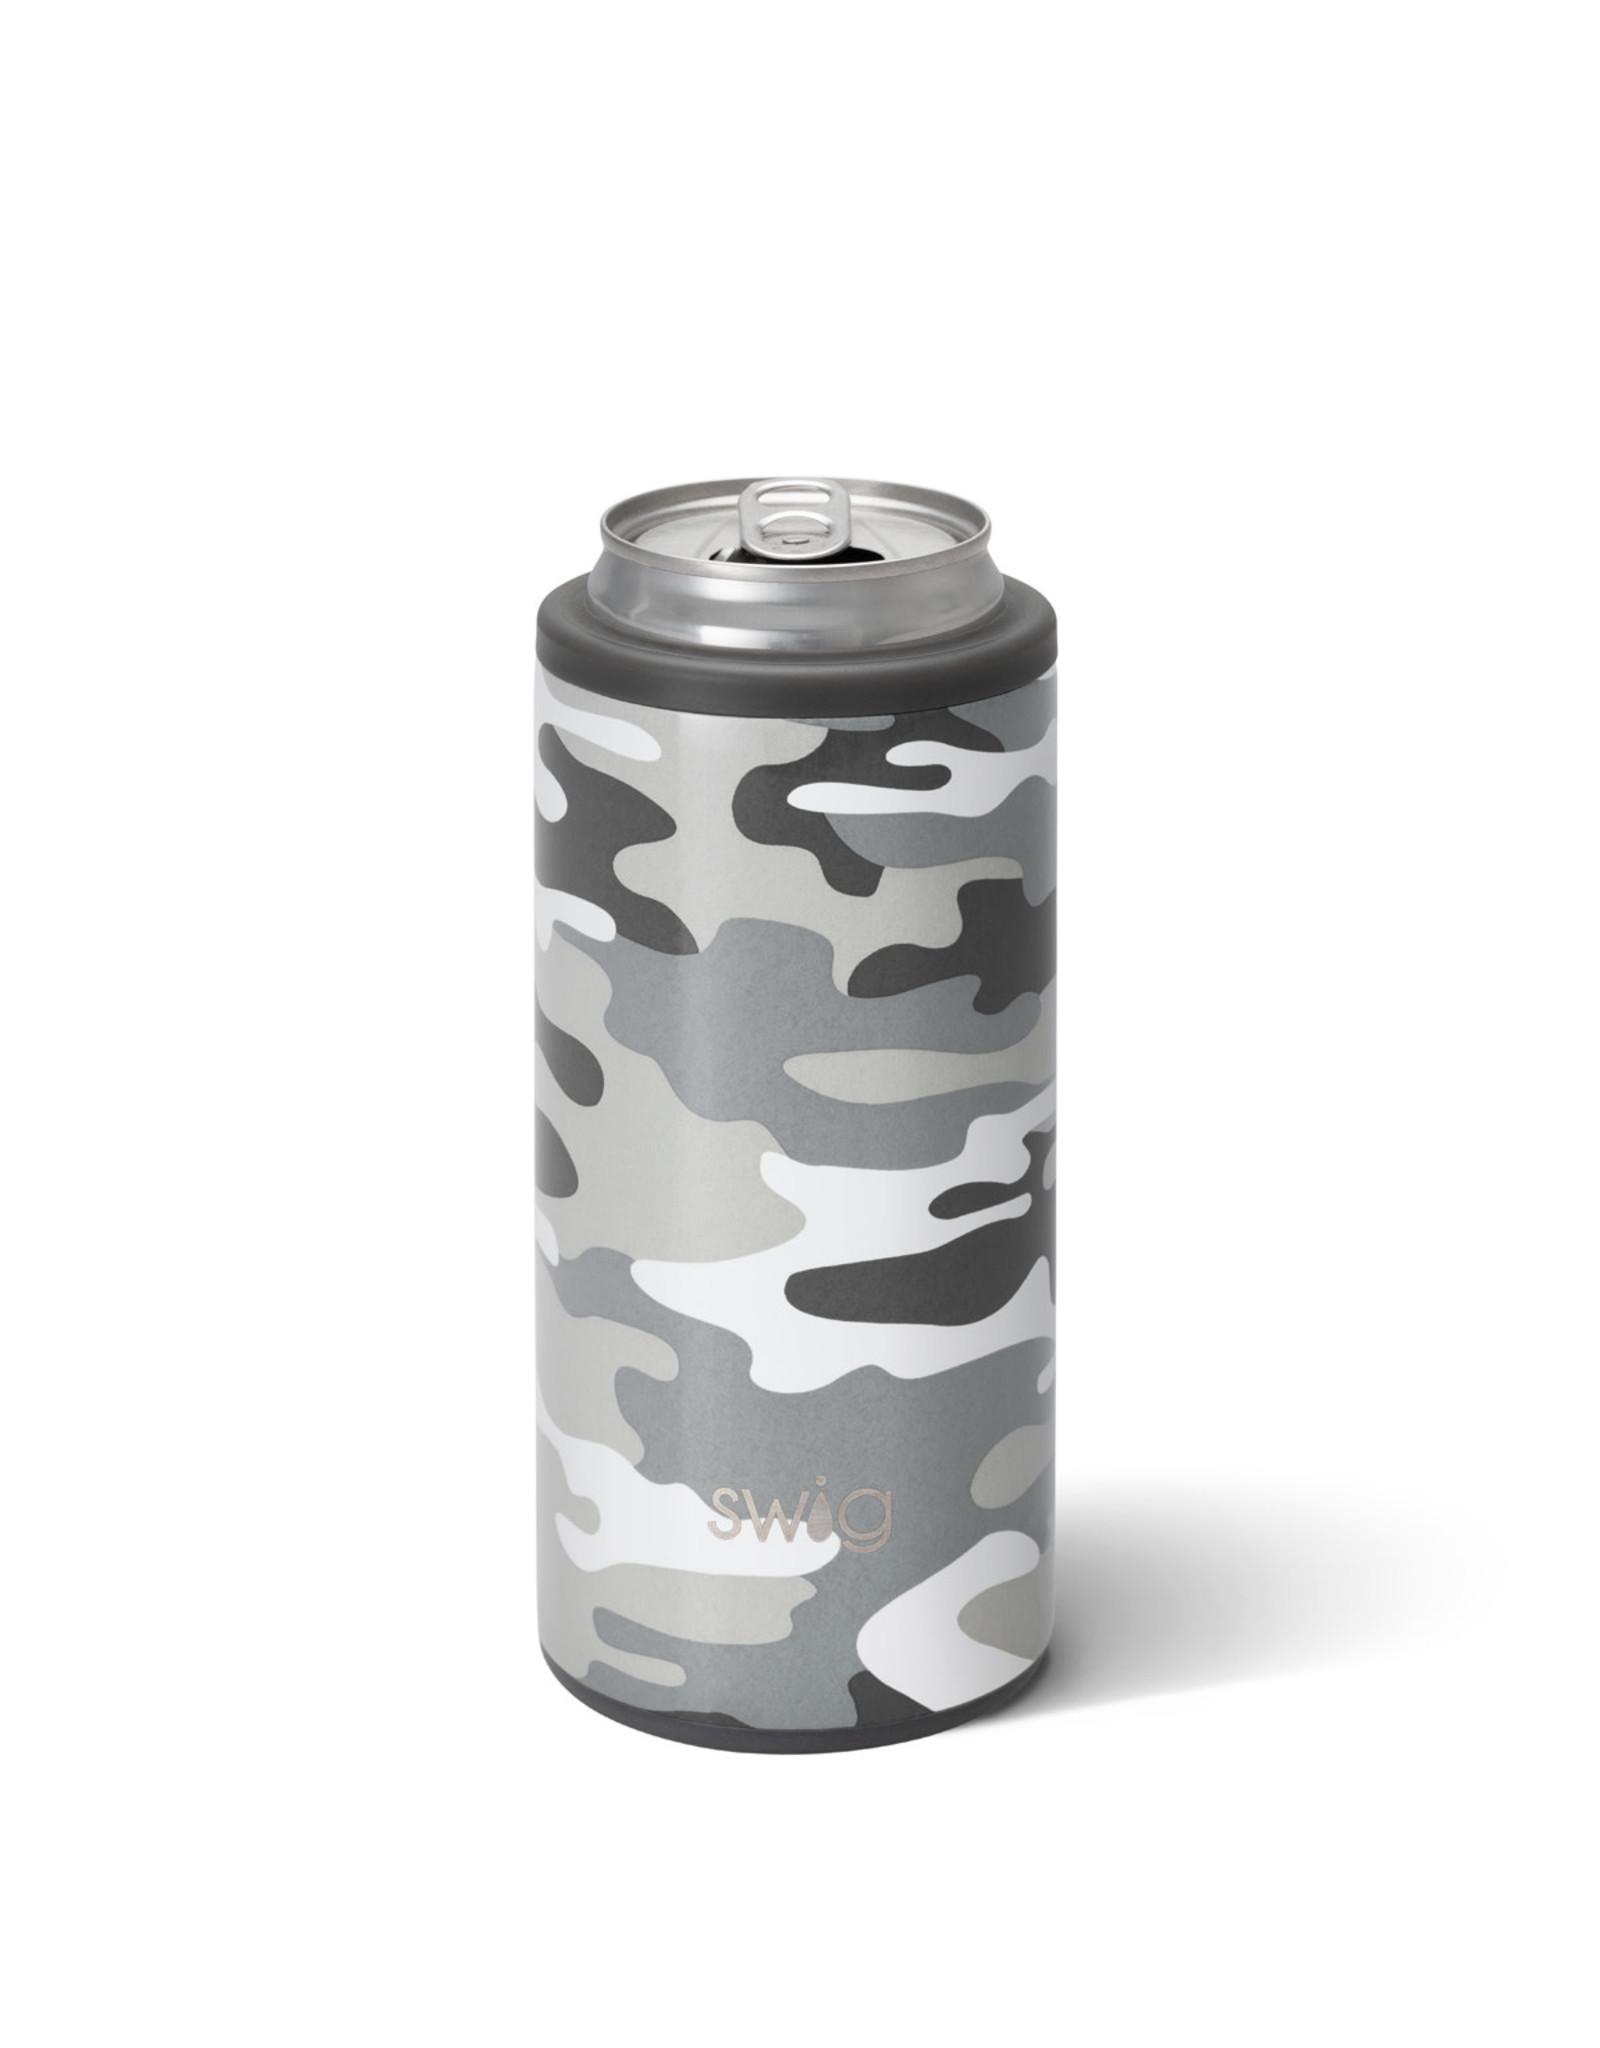 Swig 12 oz Incognito Camo Skinny Can Cooler